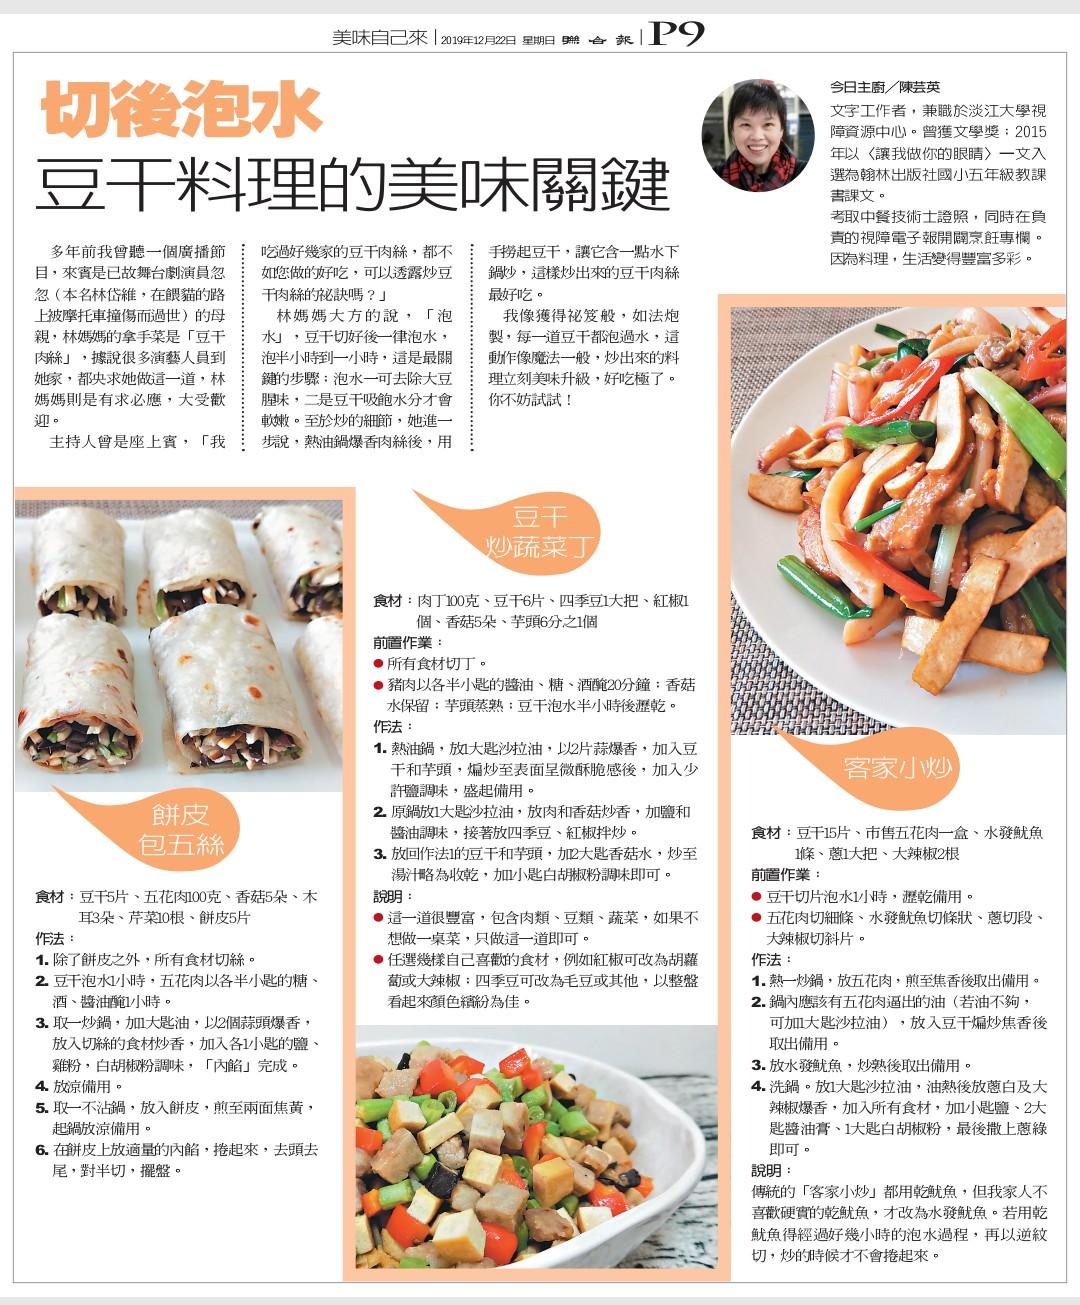 聯合報週日推出的「元氣週報」,介紹了三道我做的「豆干」料理。